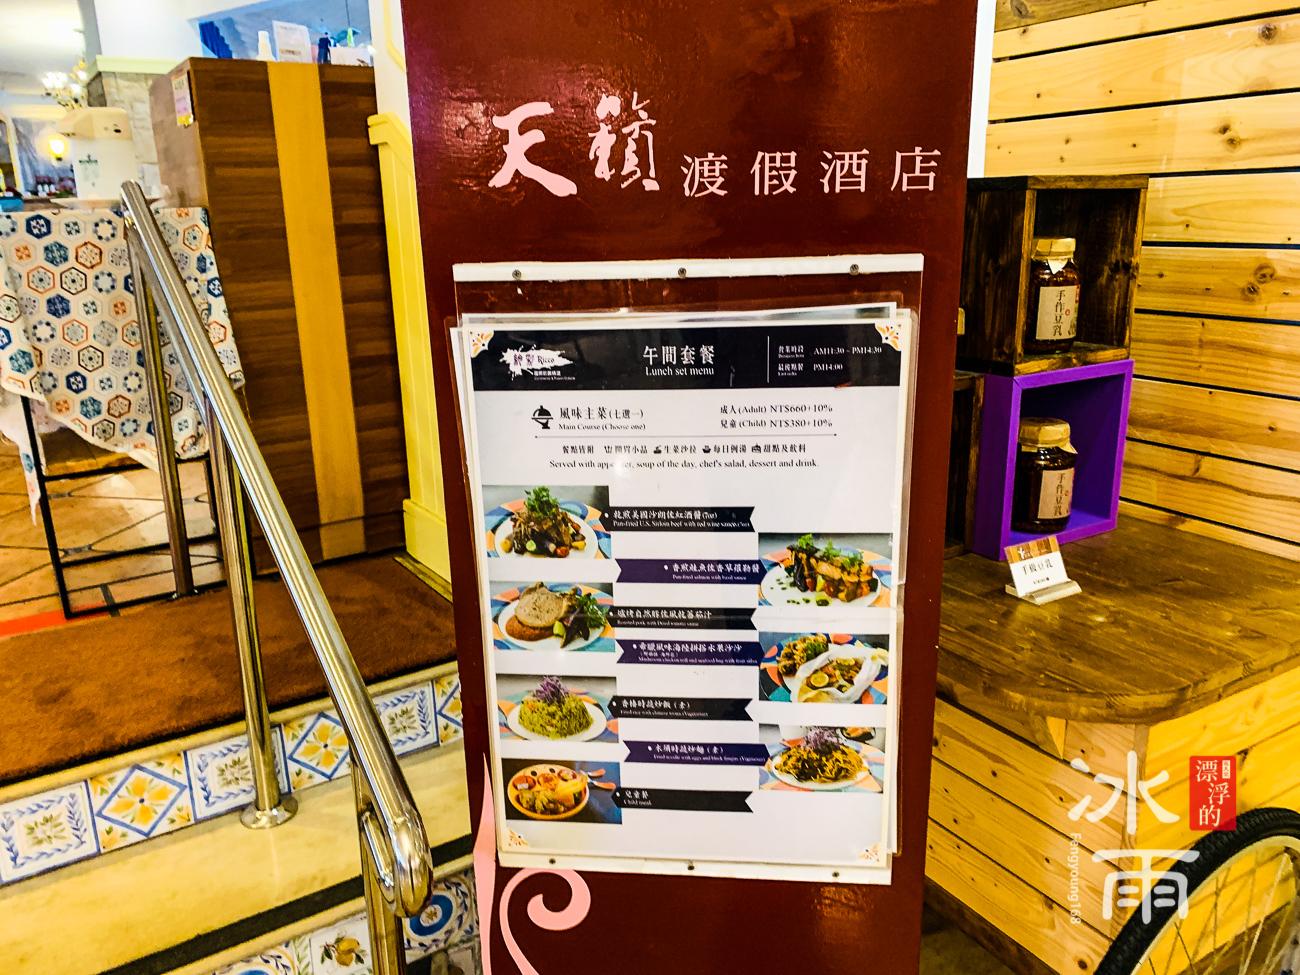 陽明山天籟溫泉會館|早餐餐廳 有供應中餐